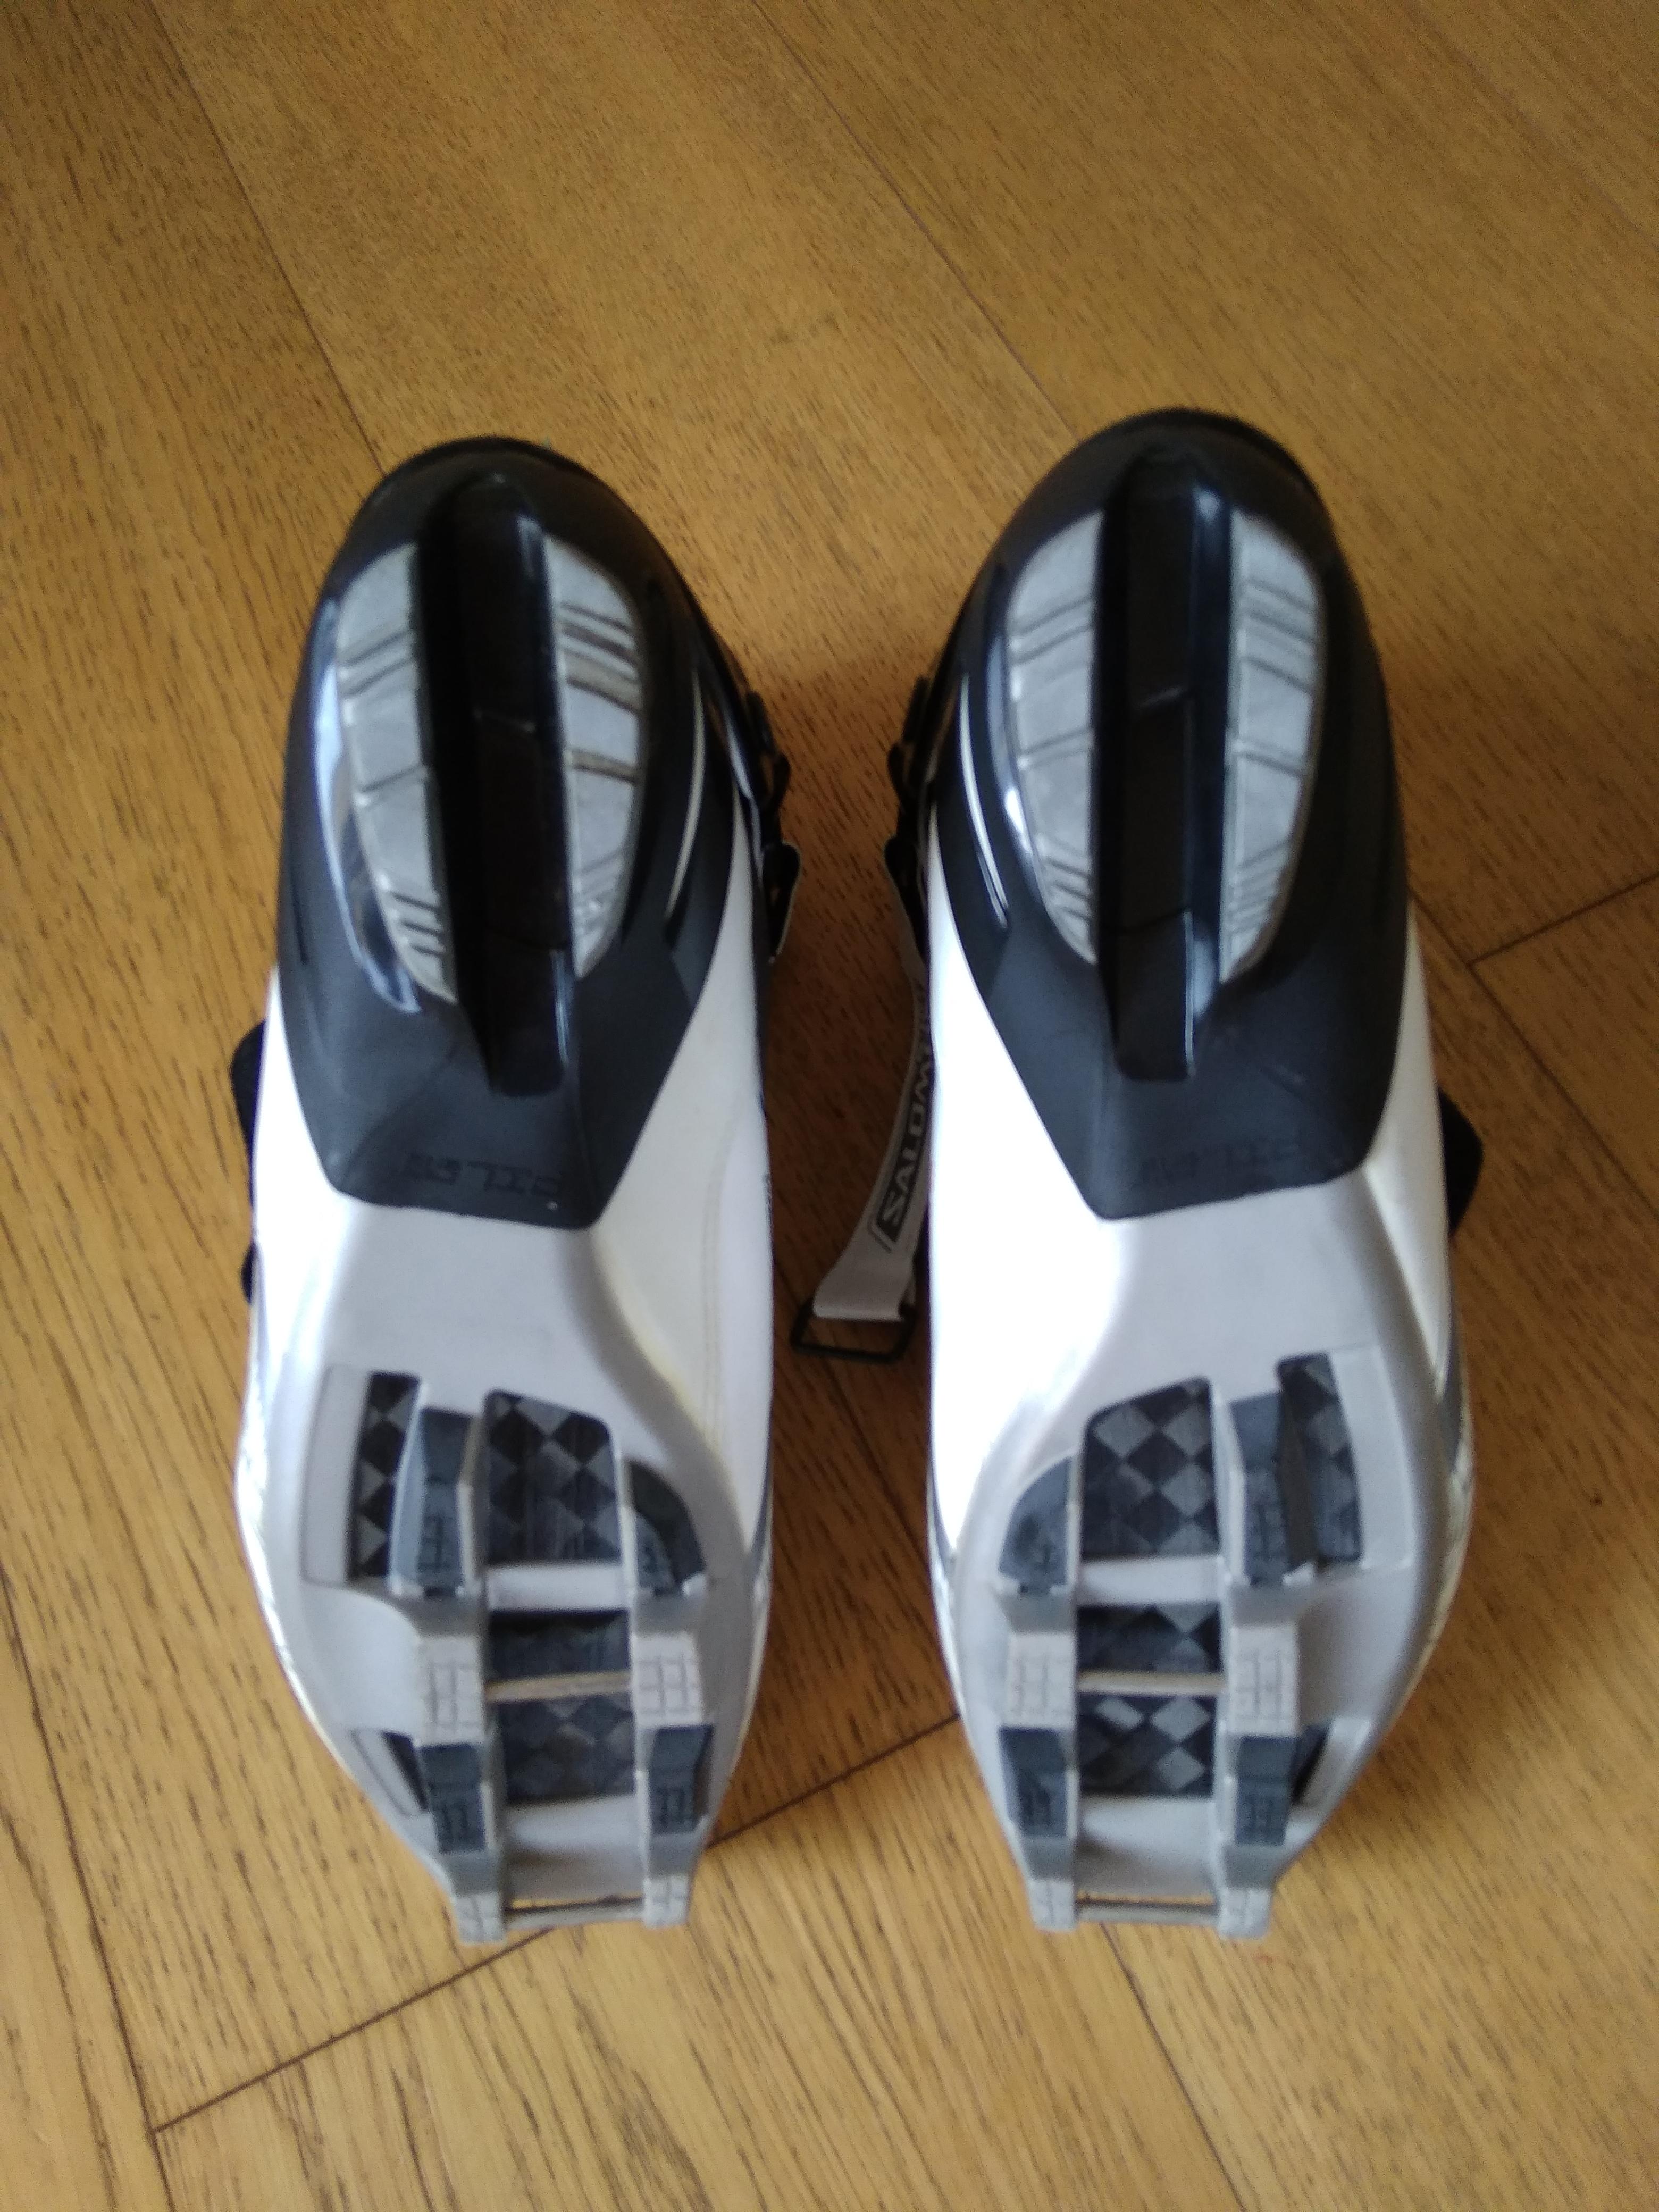 Dámské boty Vitane Carbon Skate - Bazar - Běžky.net 6c1ff9697d